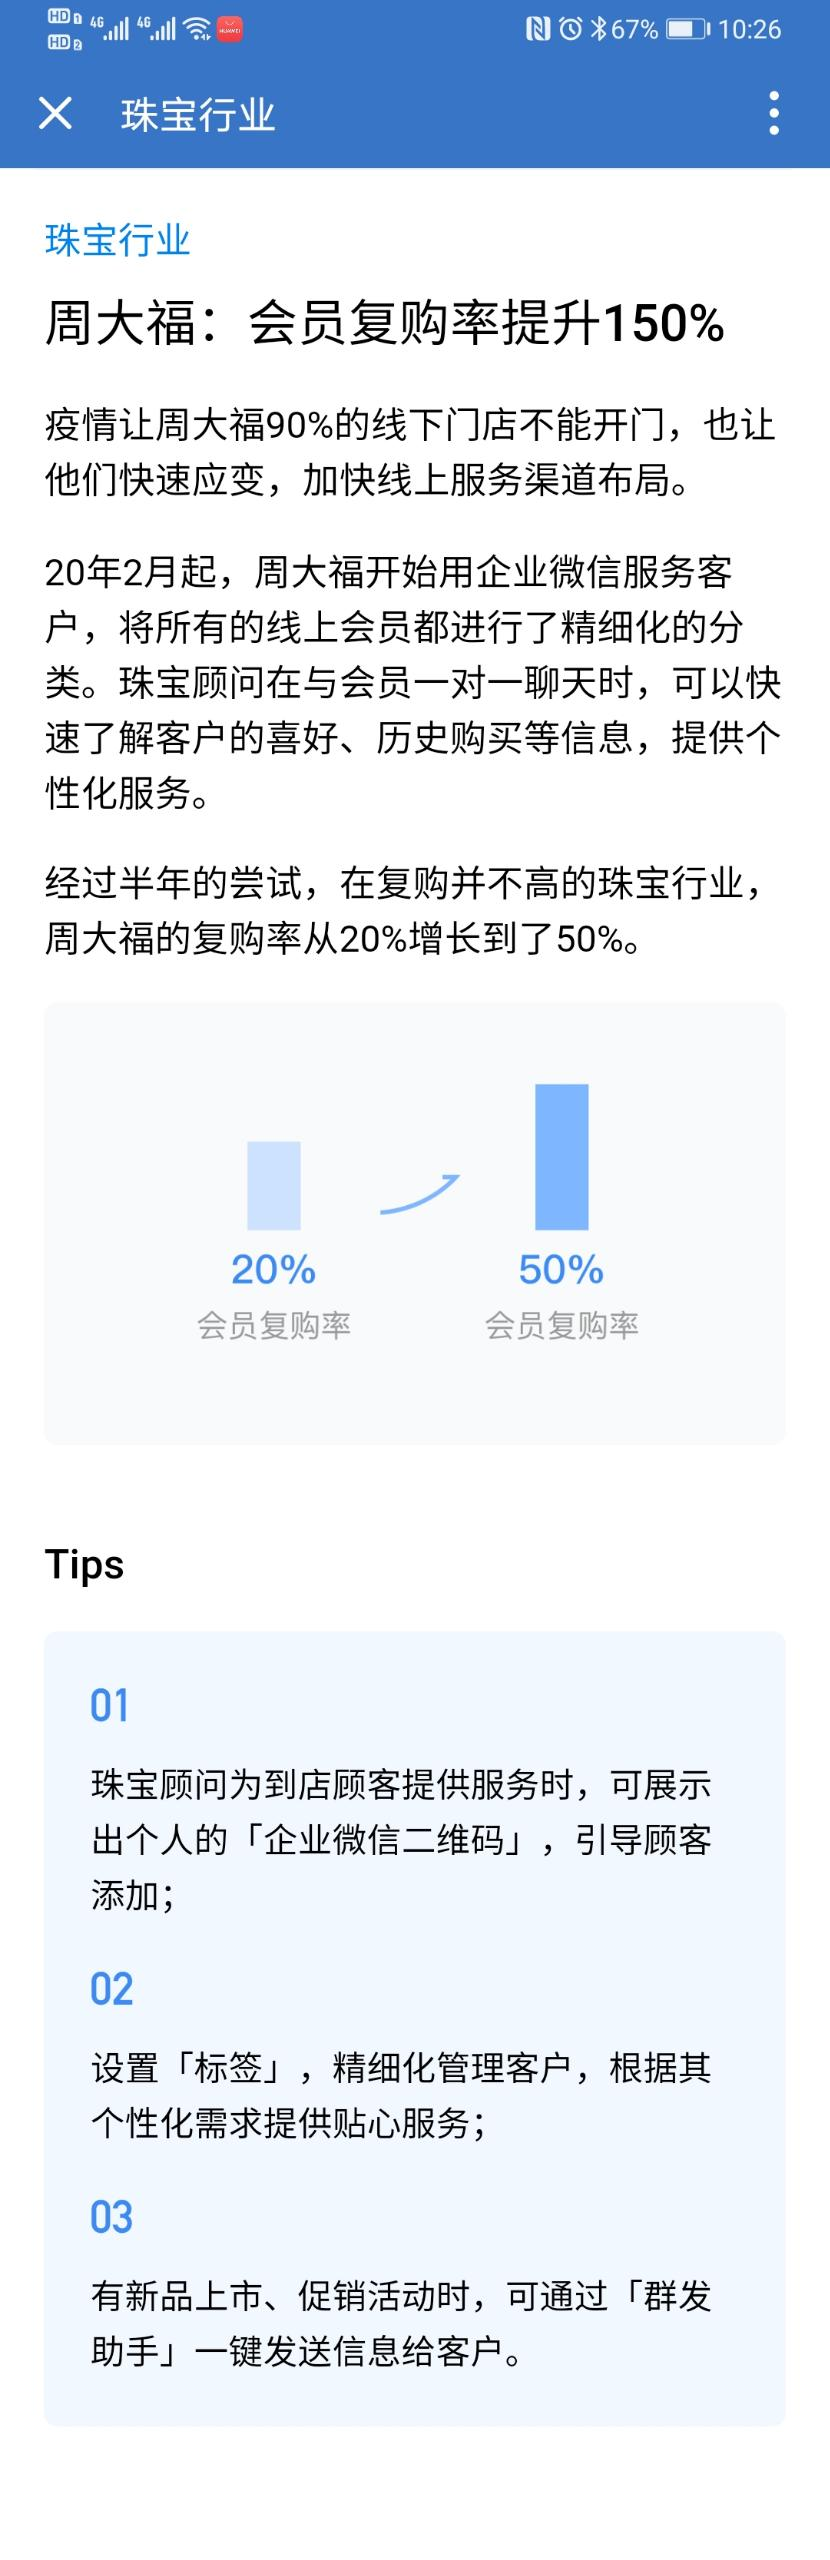 企业微信珠宝行业案例:周大福:会员复购率提升150%!